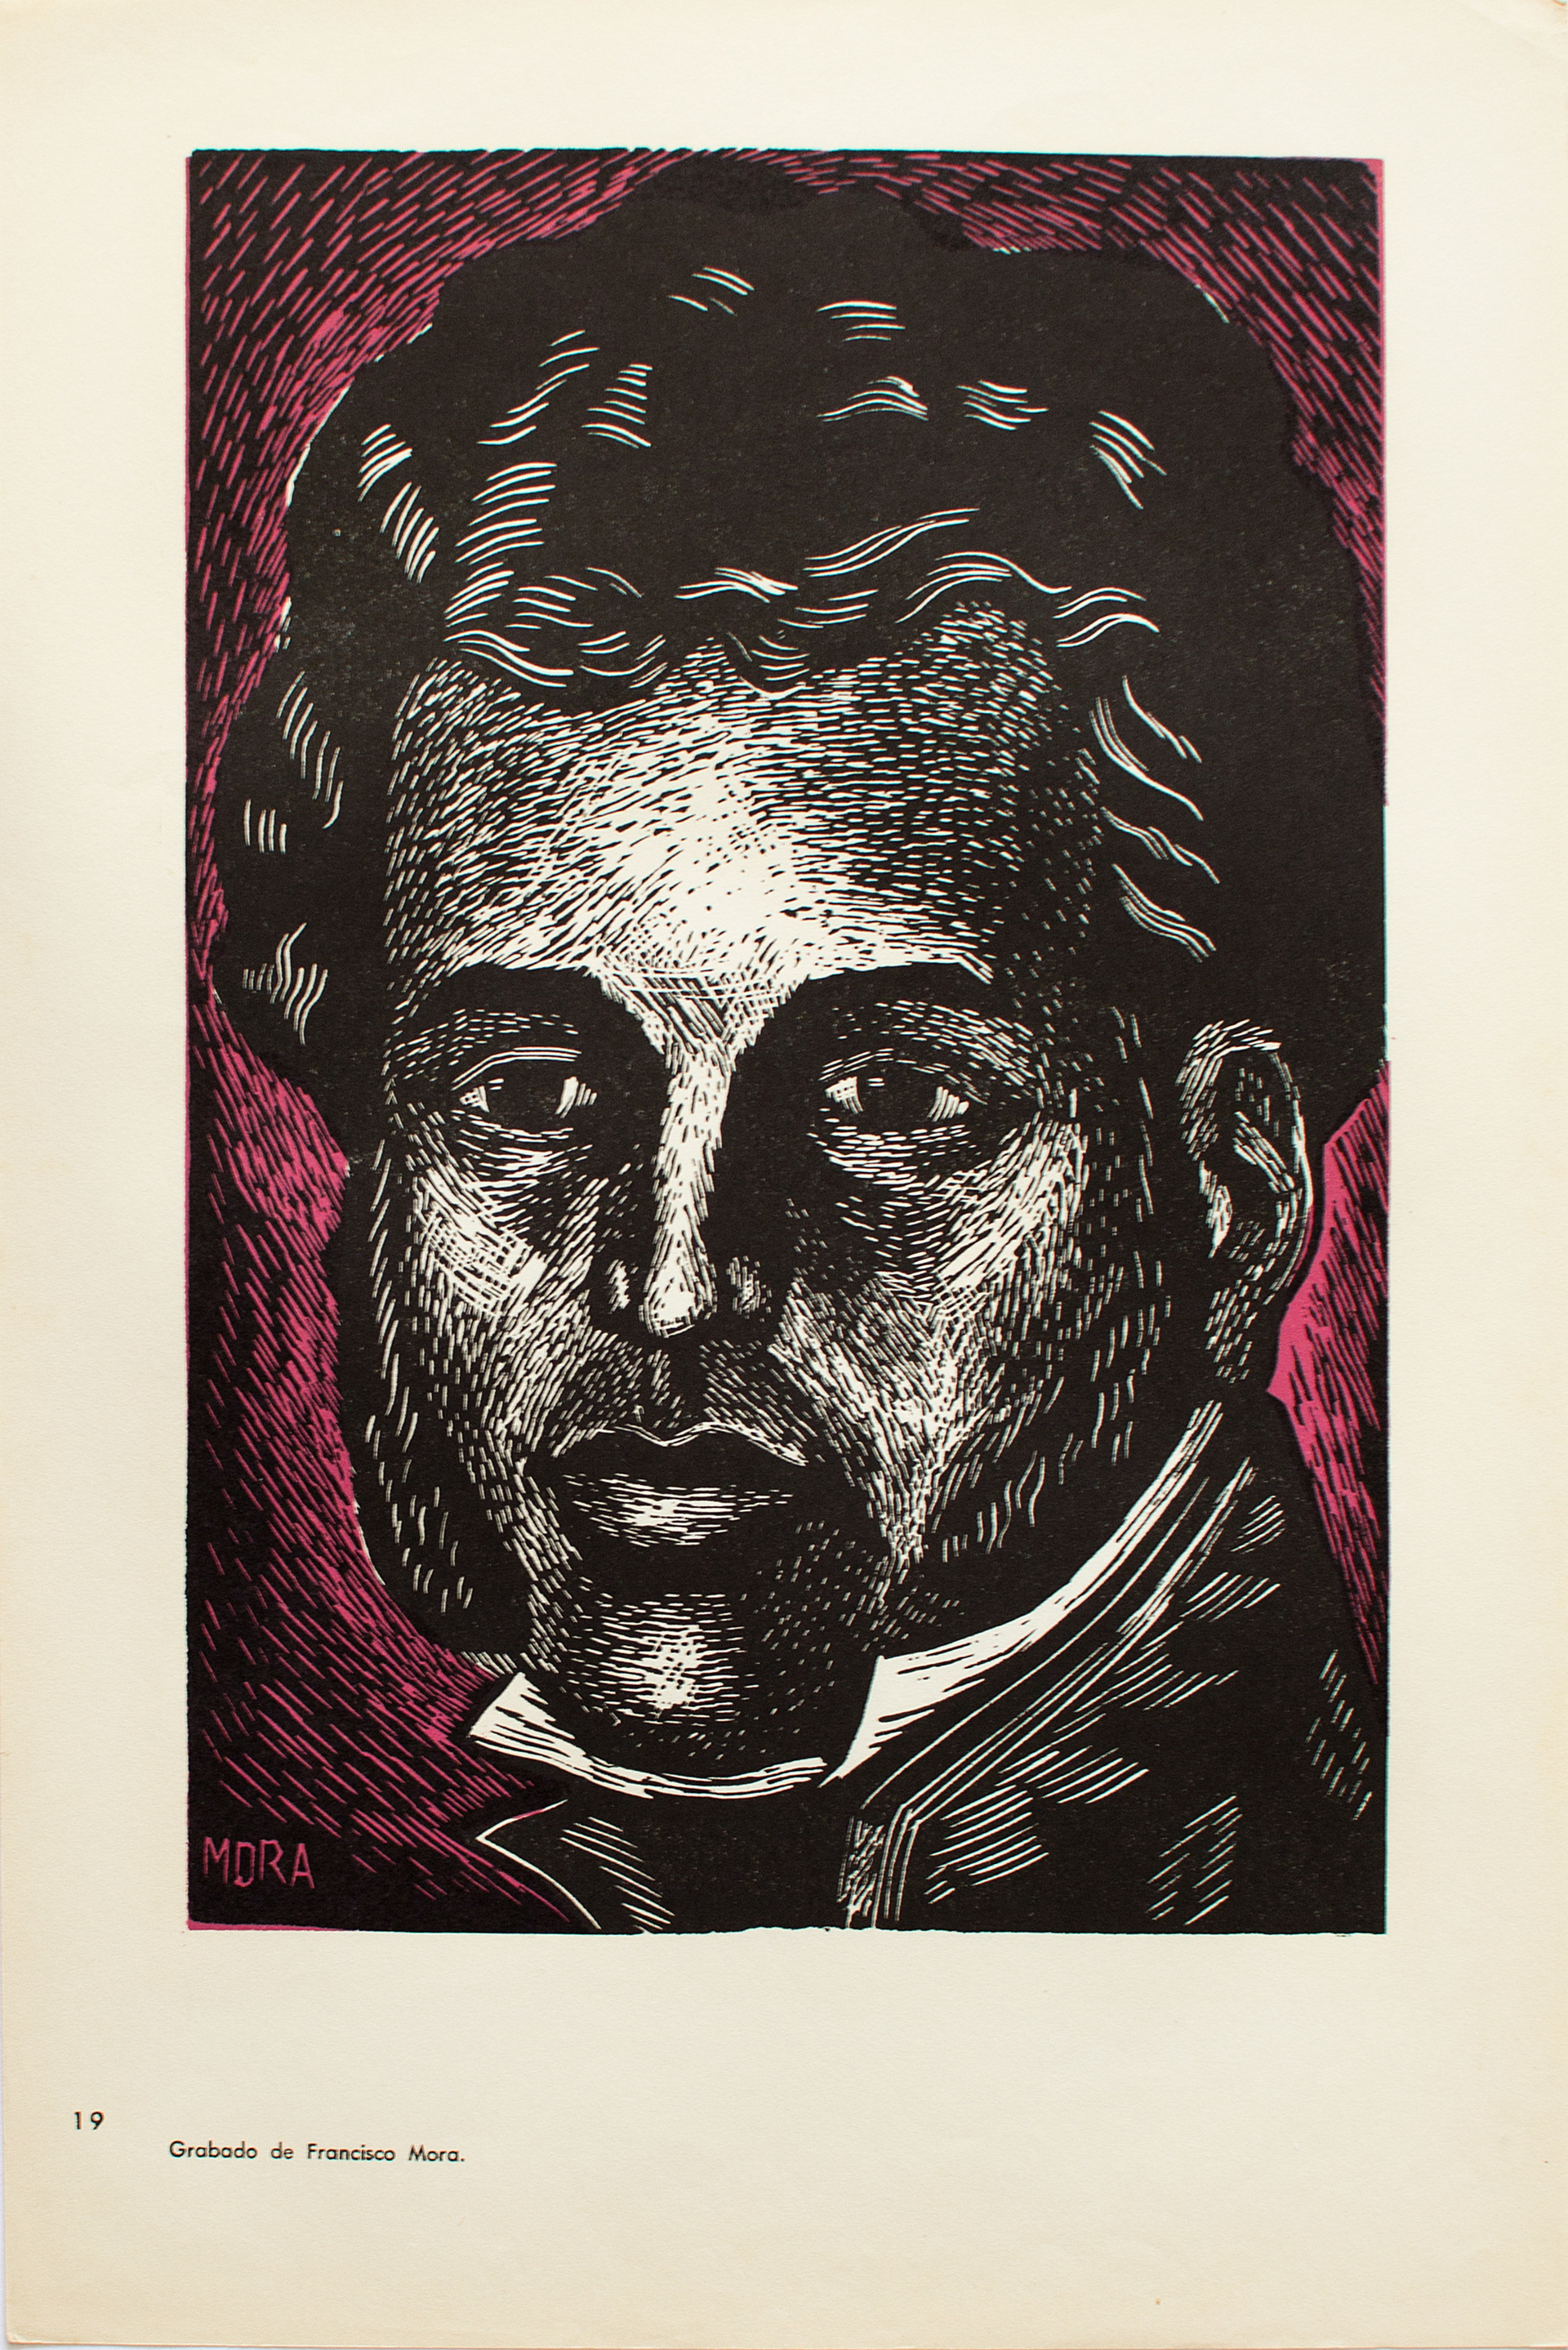 Vicente Guerrero by Francisco Mora (1922 - 2002)